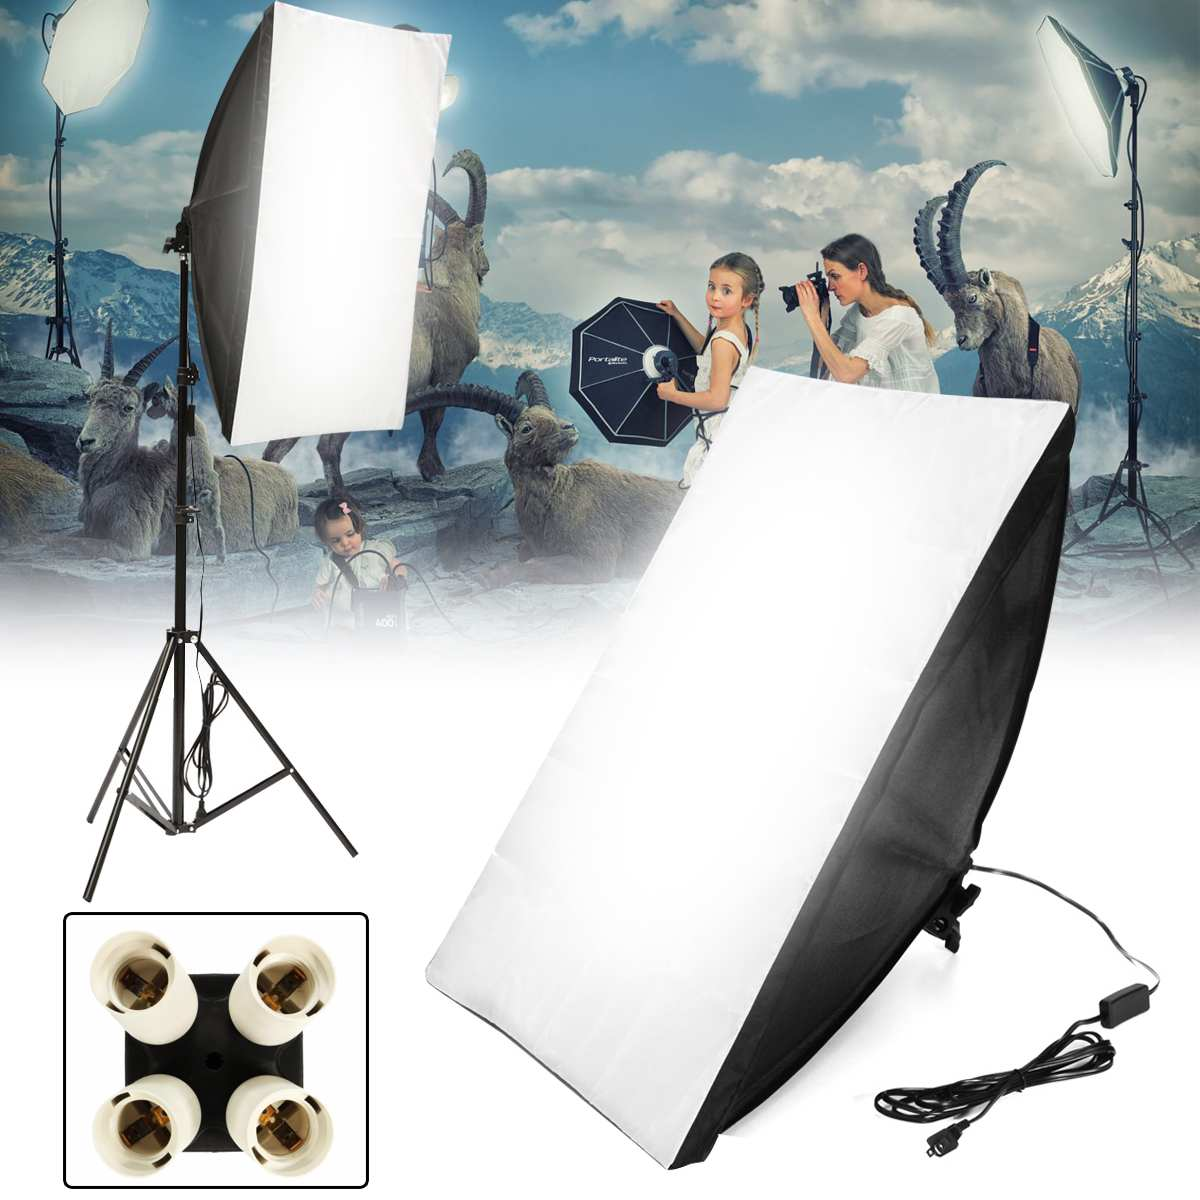 Photo Video Studio Kit Lighting Softbox 50*70cm + E27 Socket Lamp Head Holder + Carry Bag